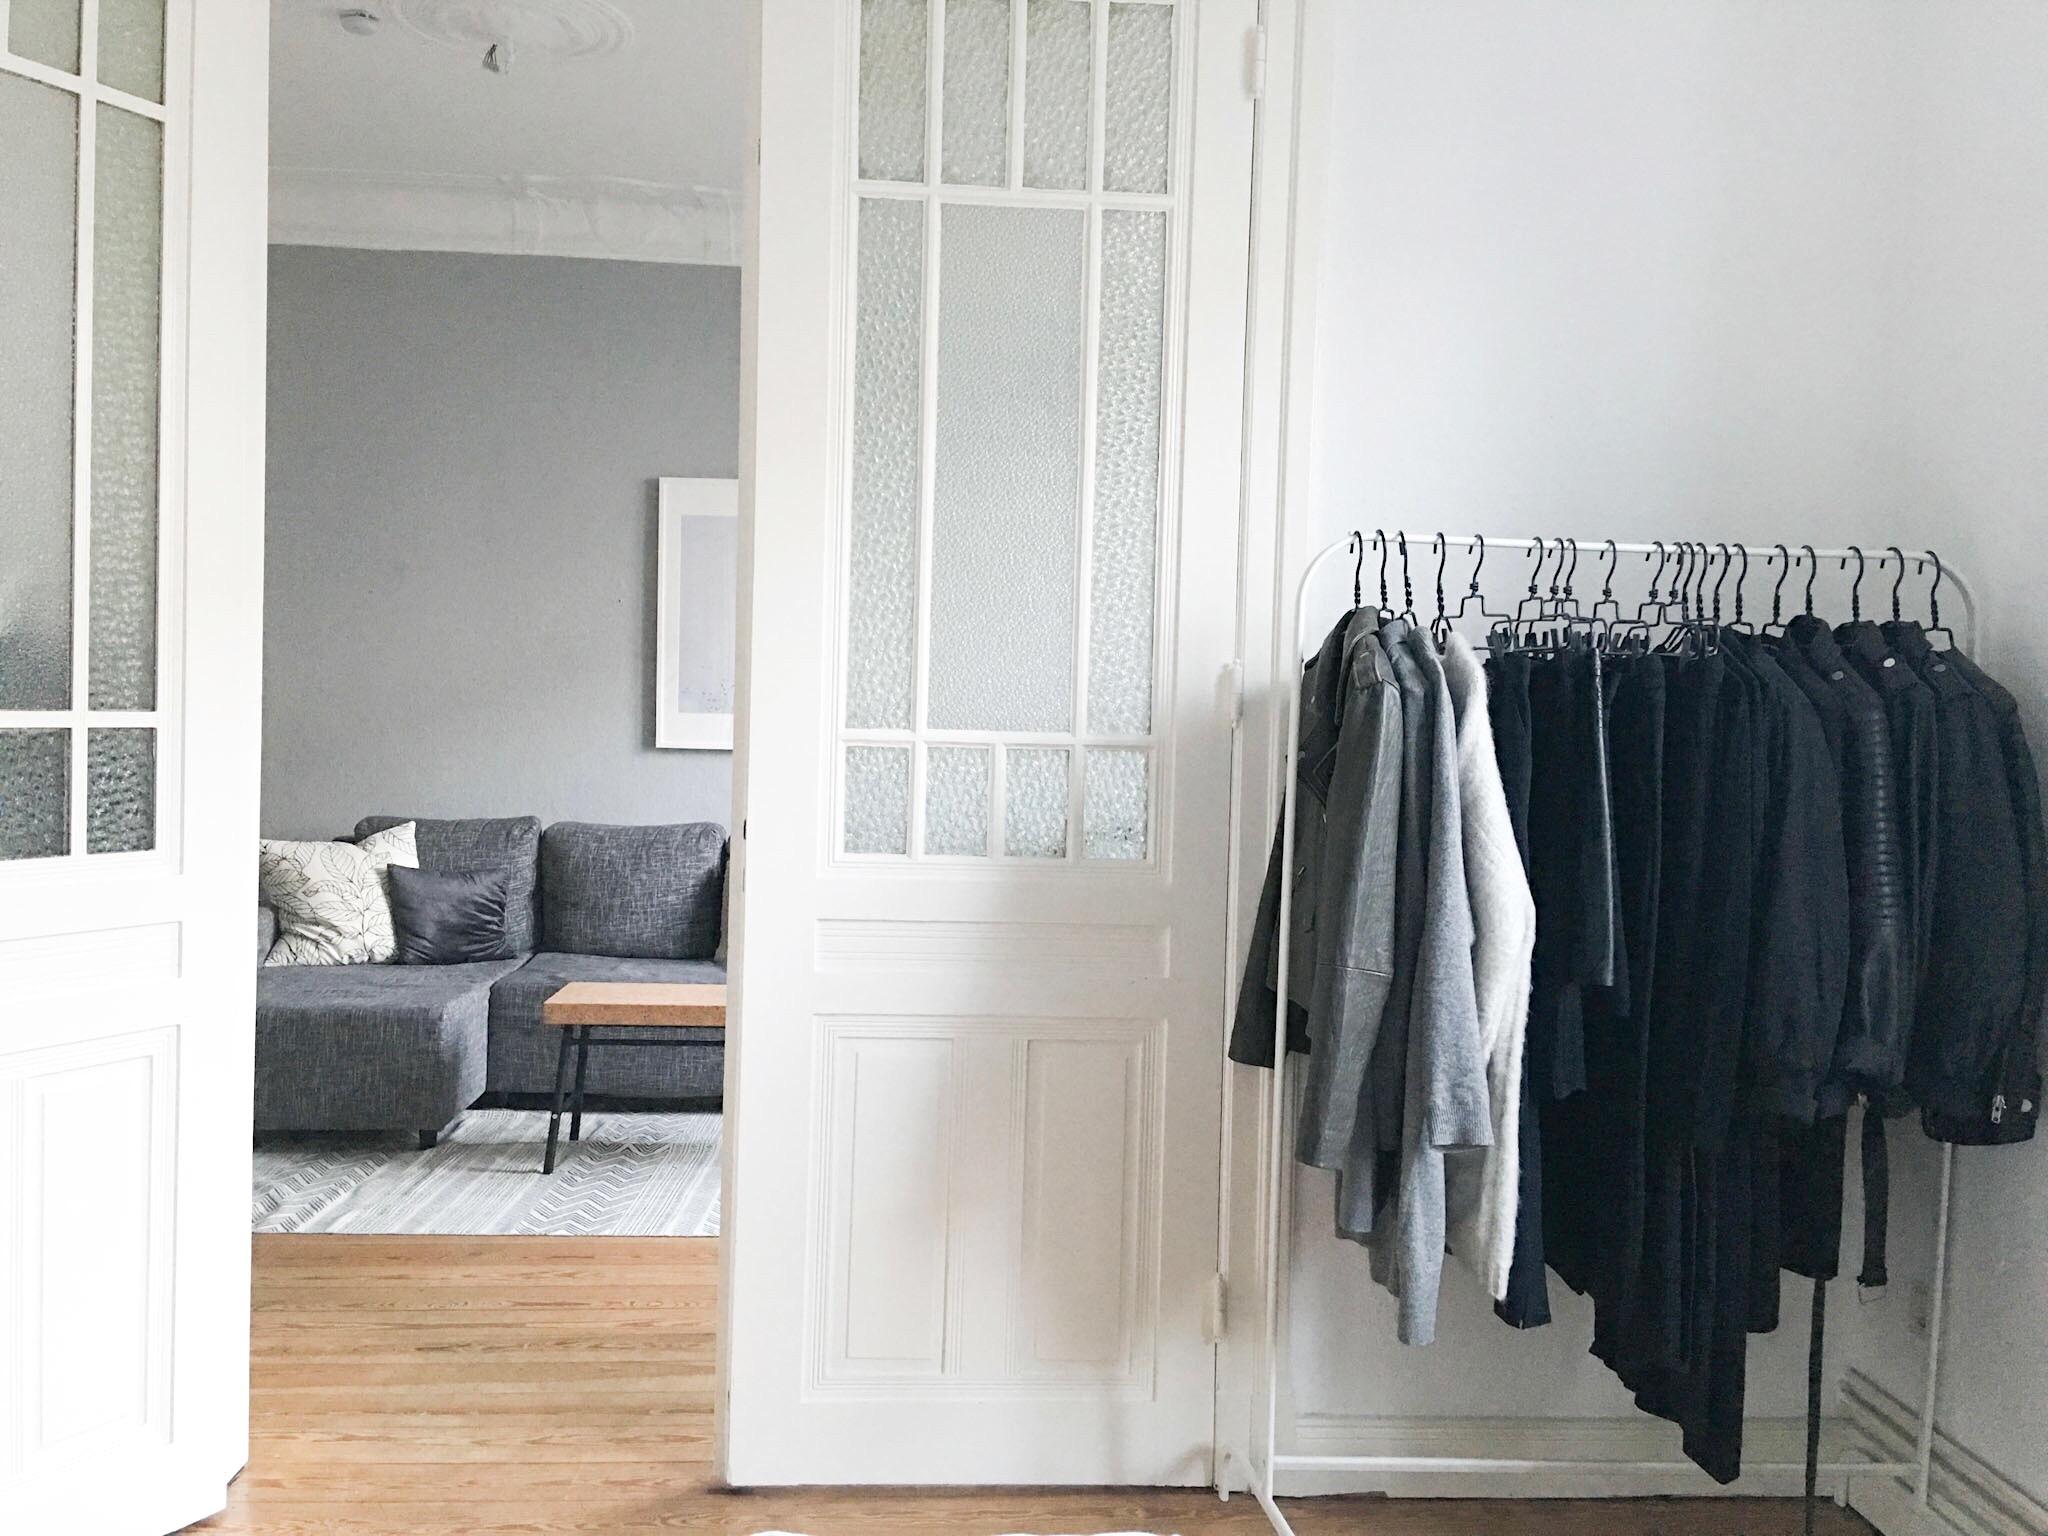 kleiderschrank ebay kleinanzeigen hamburg bettw sche wieviel grad waschen ideen f r. Black Bedroom Furniture Sets. Home Design Ideas